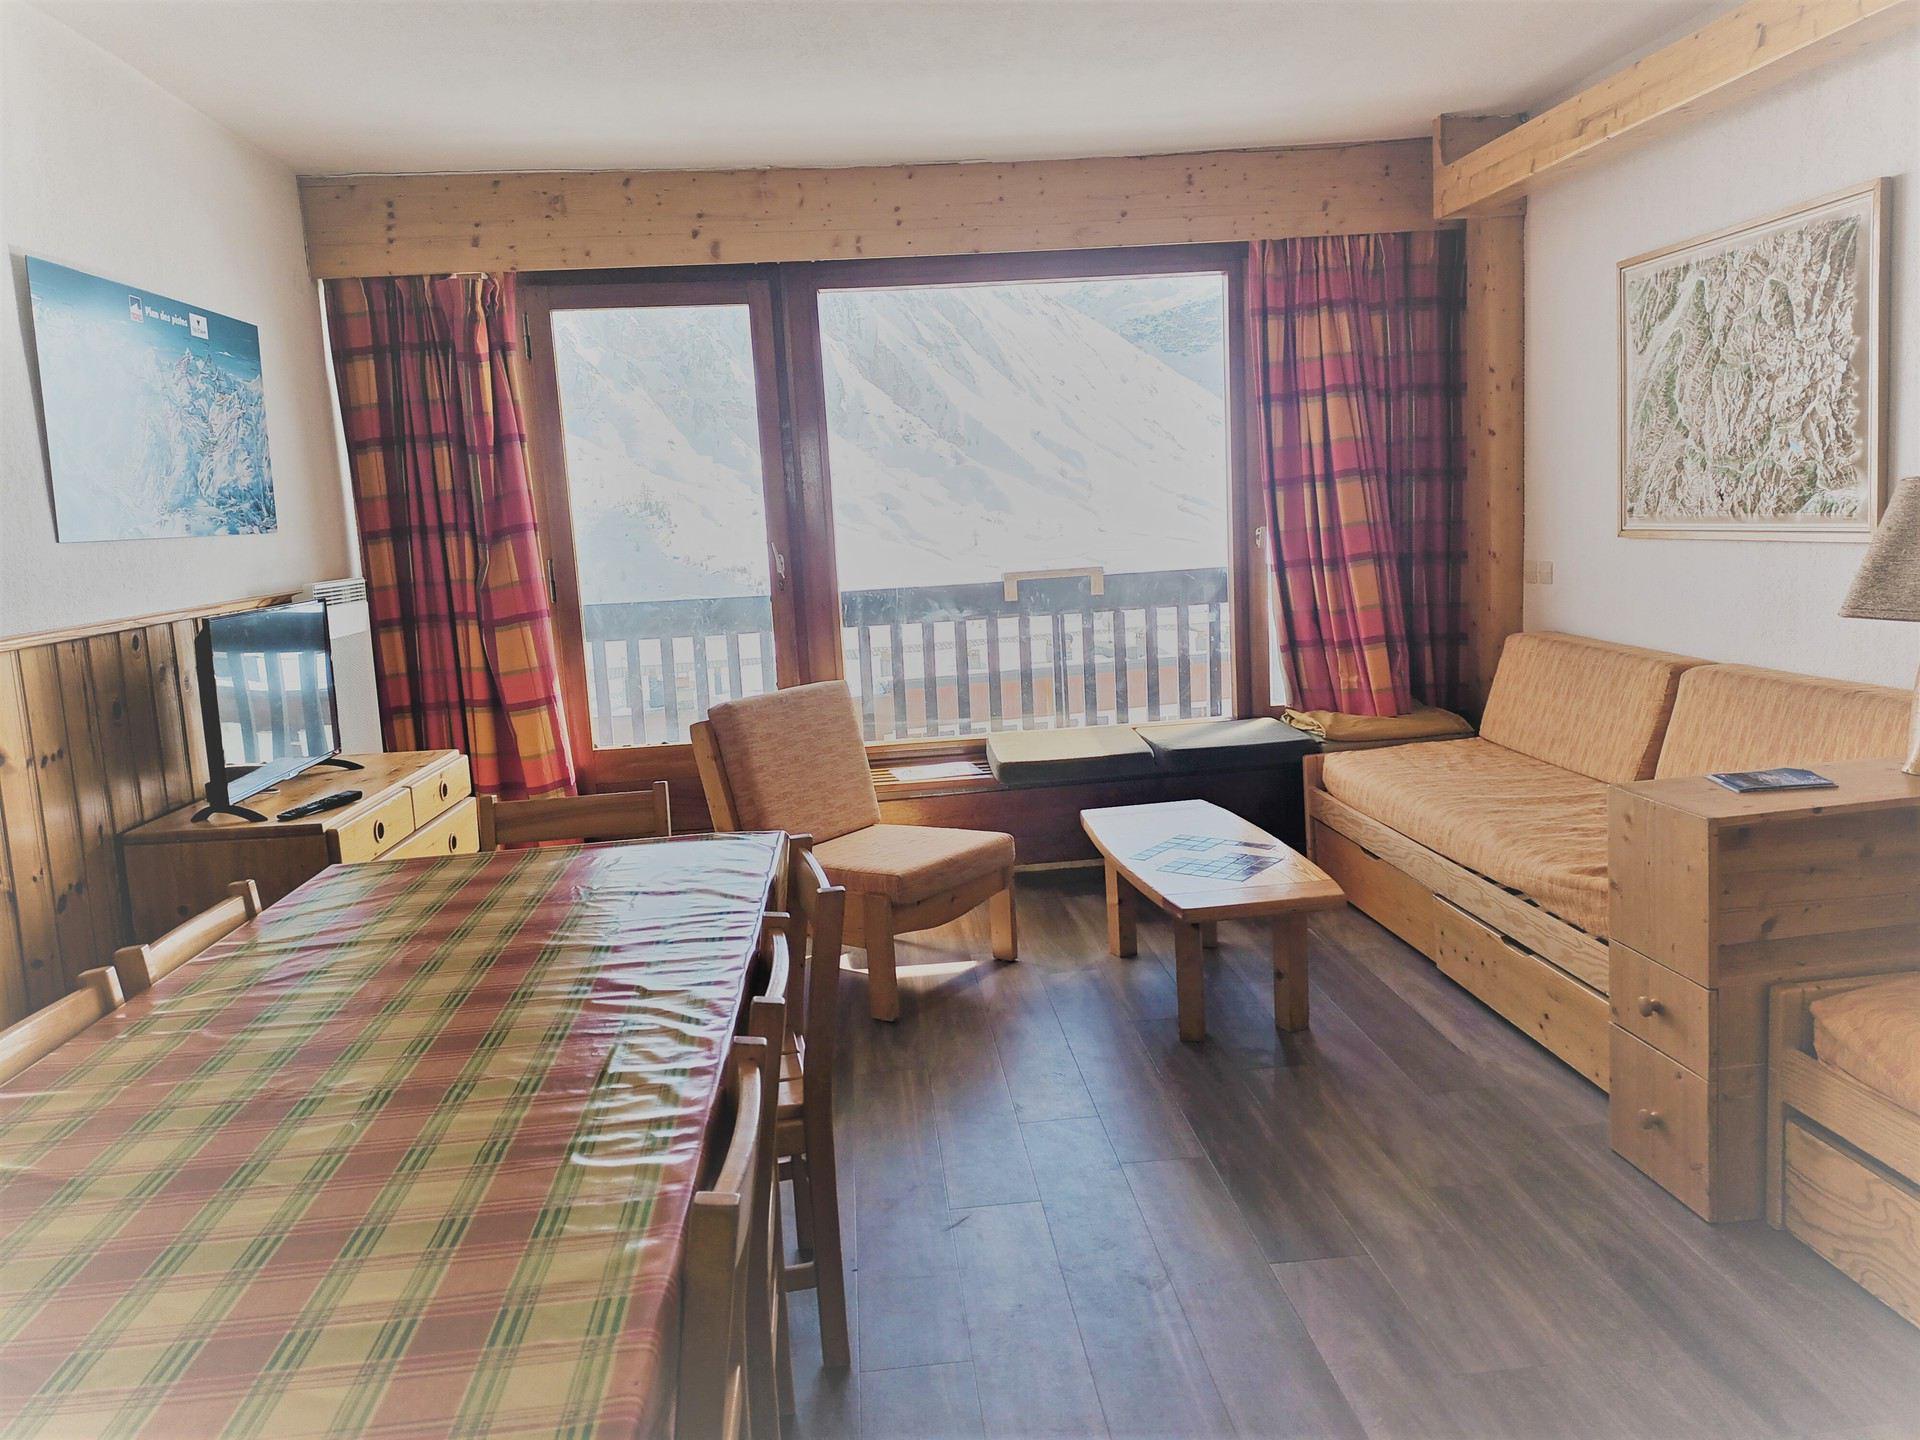 Appartement 3 pièces 8 personnes à Tignes ski...